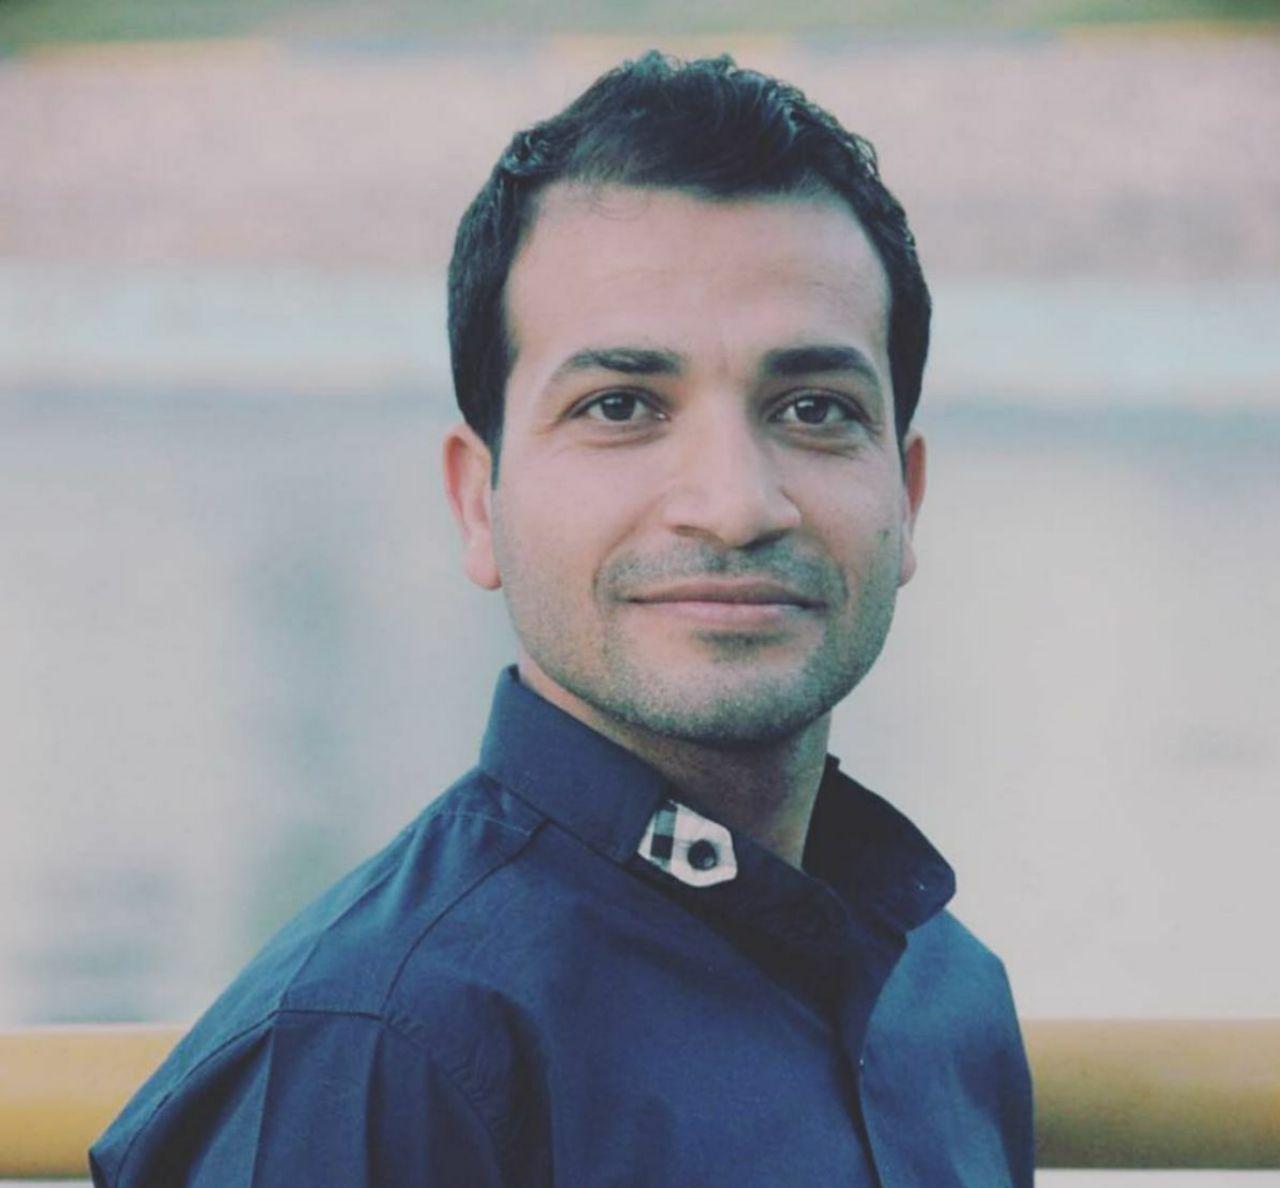 دکتر مهدی شهسواری به سمت سرپرست فرمانداری شهرستان قلعه گنج منصوب شد